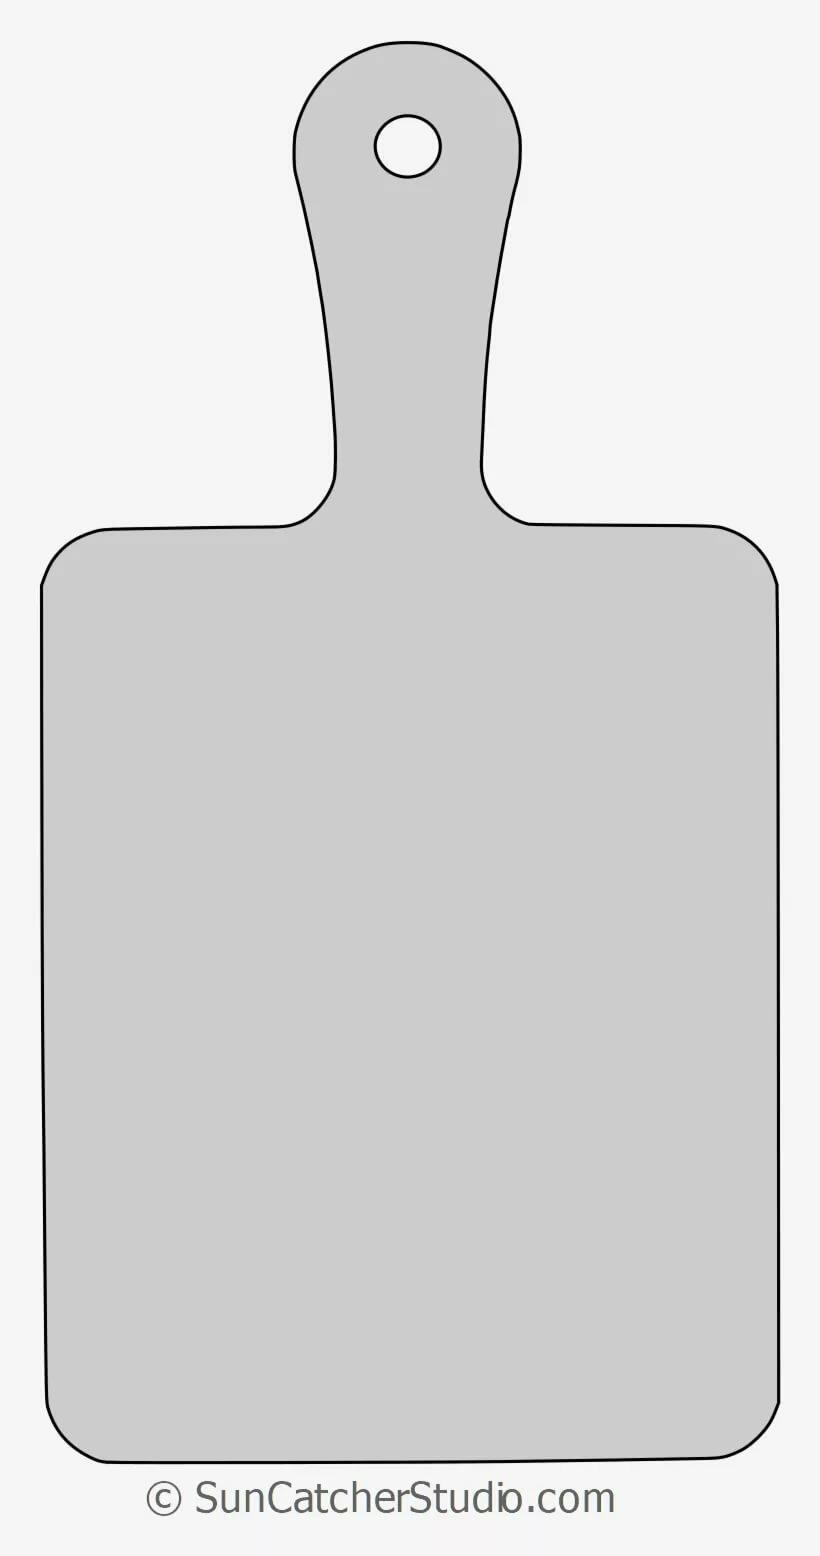 Разделочная доска шаблон картинки